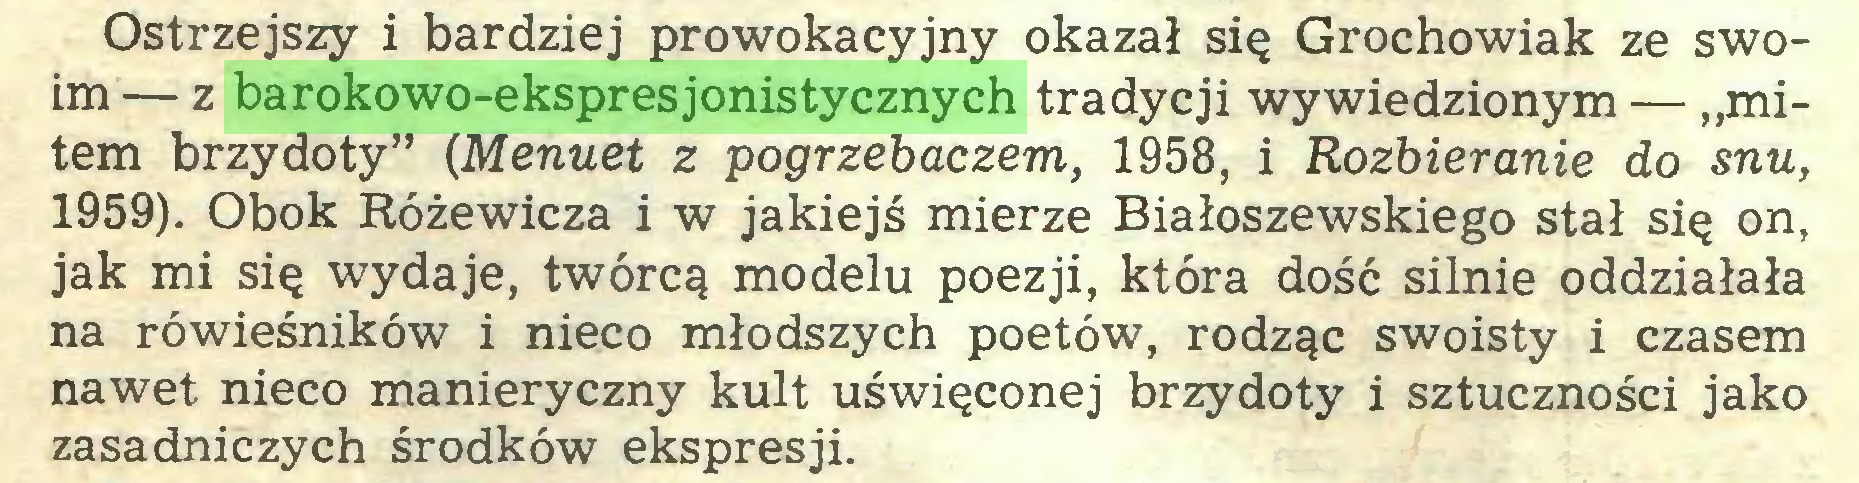 """(...) Ostrzejszy i bardziej prowokacyjny okazał się Grochowiak ze swoim — z barokowo-ekspresjonistycznych tradycji wywiedzionym — """"mitem brzydoty"""" (Menuet z pogrzebaczem, 1958, i Rozbieranie do snu, 1959). Obok Różewicza i w jakiejś mierze Białoszewskiego stał się on, jak mi się wydaje, twórcą modelu poezji, która dość silnie oddziałała na rówieśników i nieco młodszych poetów, rodząc swoisty i czasem nawet nieco manieryczny kult uświęconej brzydoty i sztuczności jako zasadniczych środków ekspresji..."""